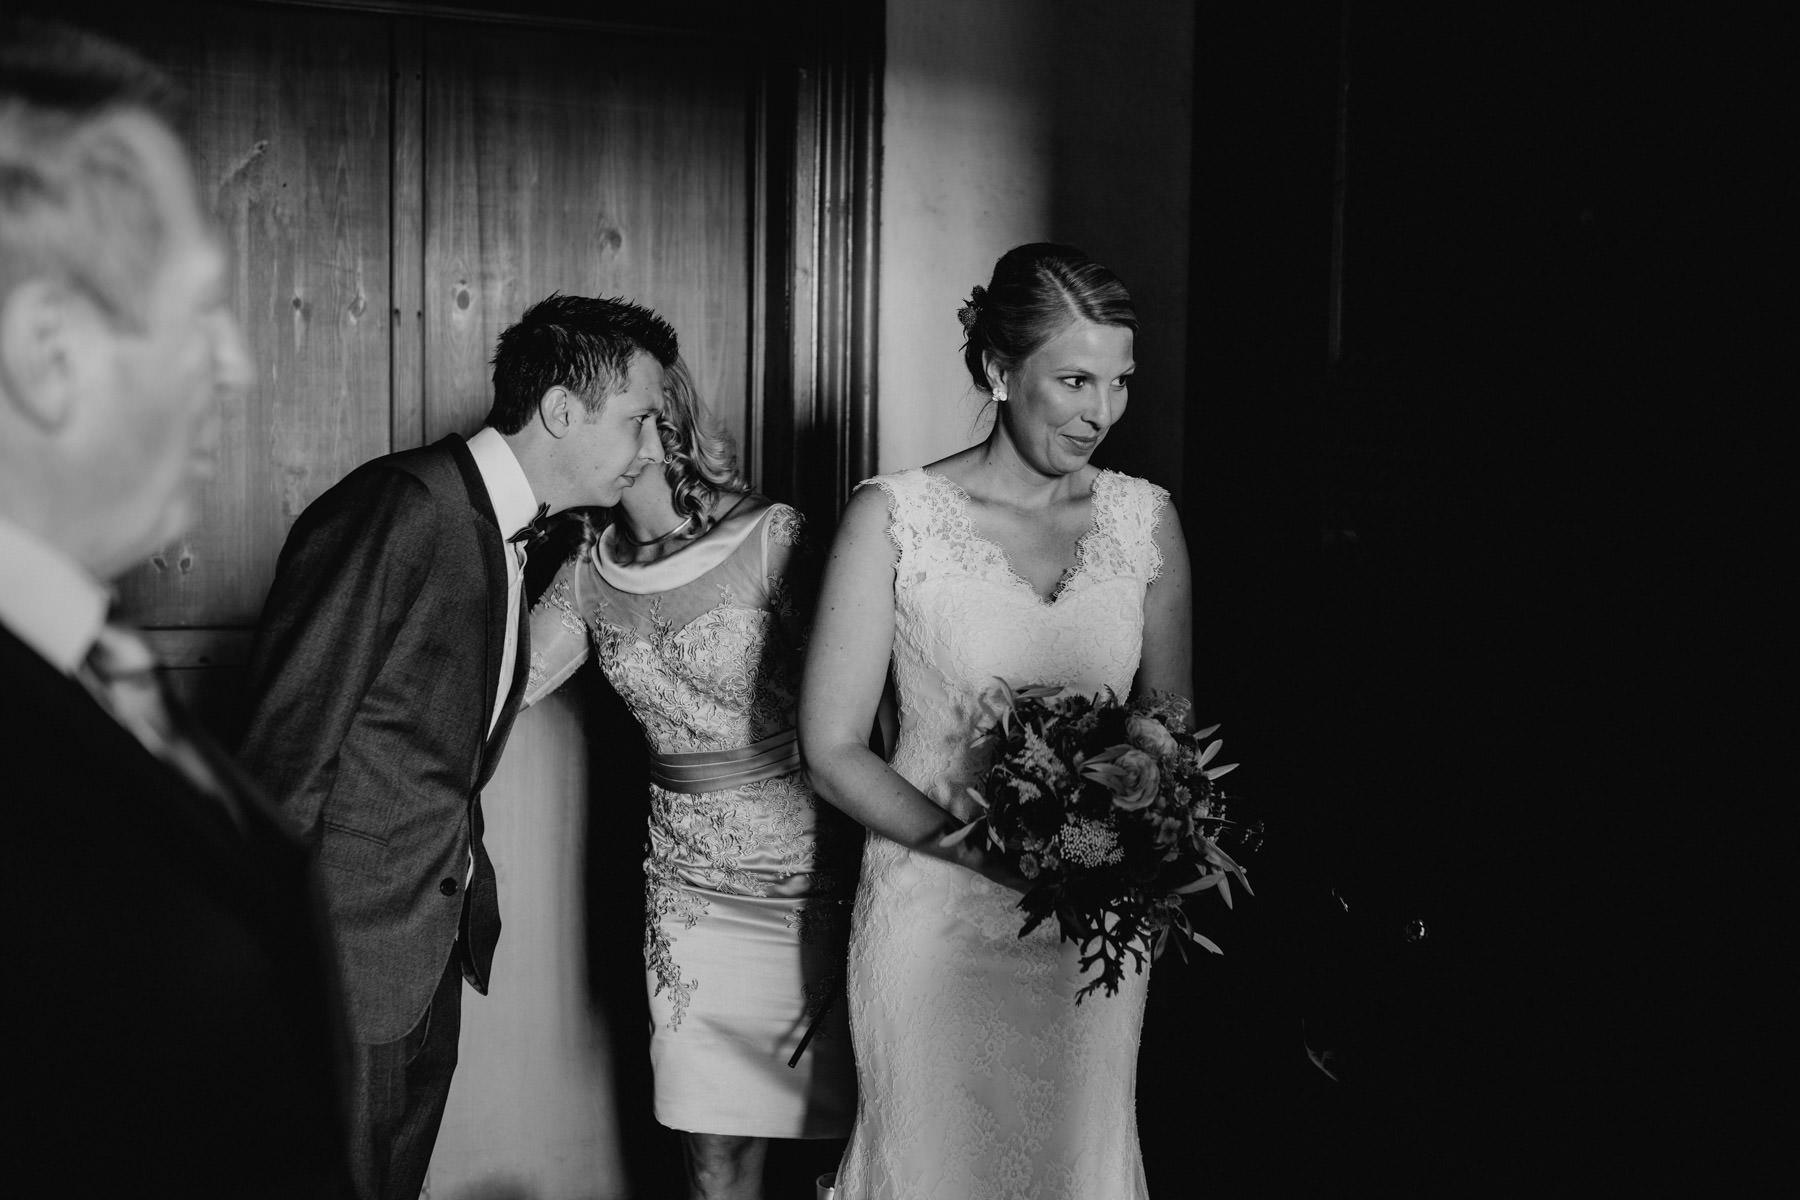 Profesionelle Aufnahme einer Hochzeitsfeier